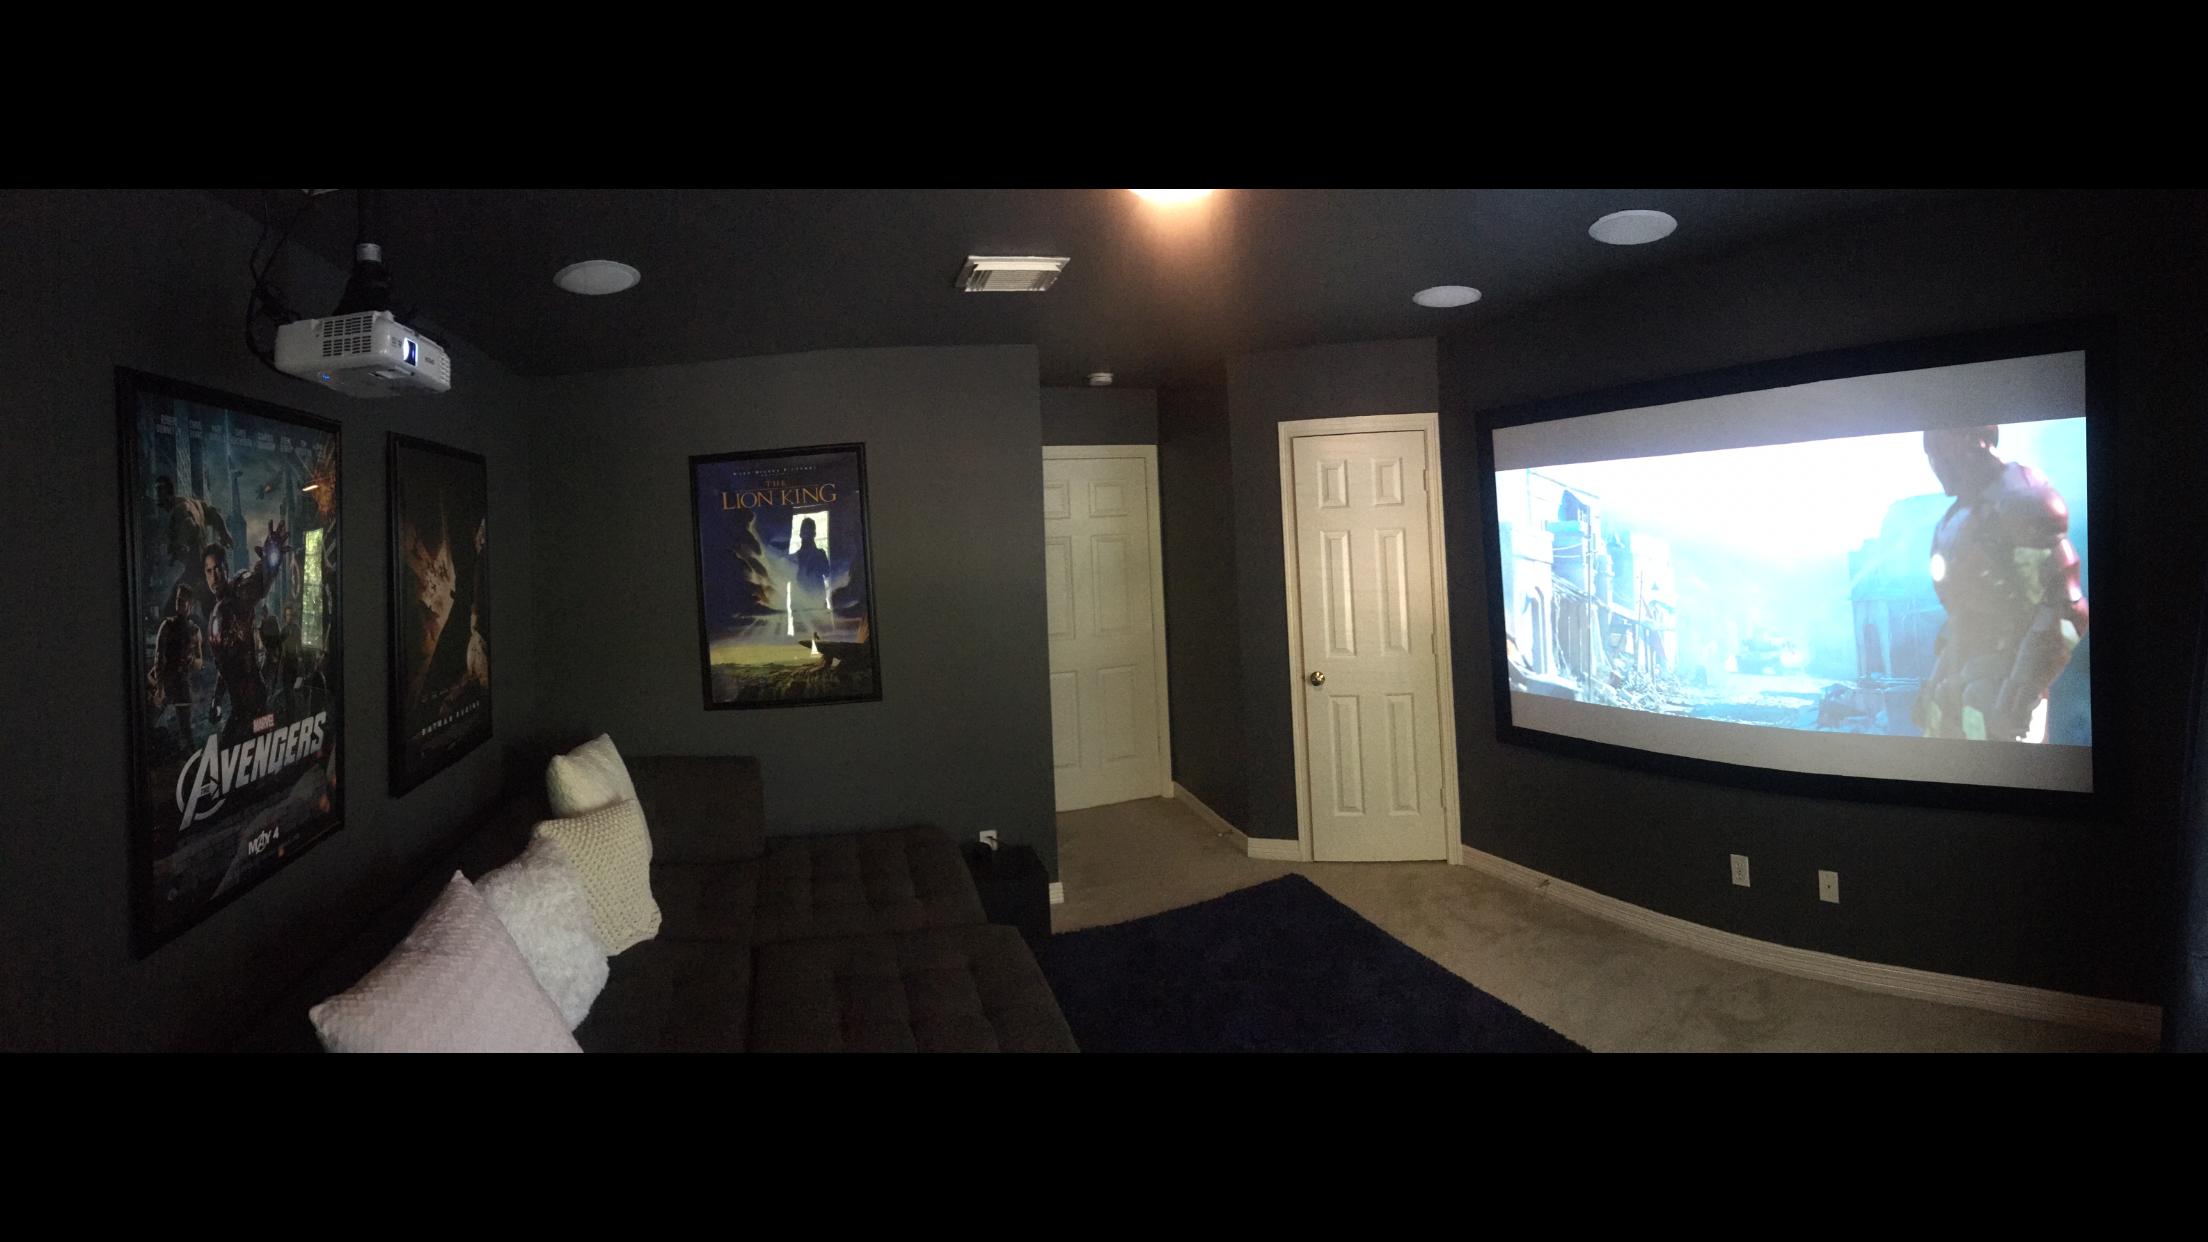 Custom Media Room Installation Springs, TX